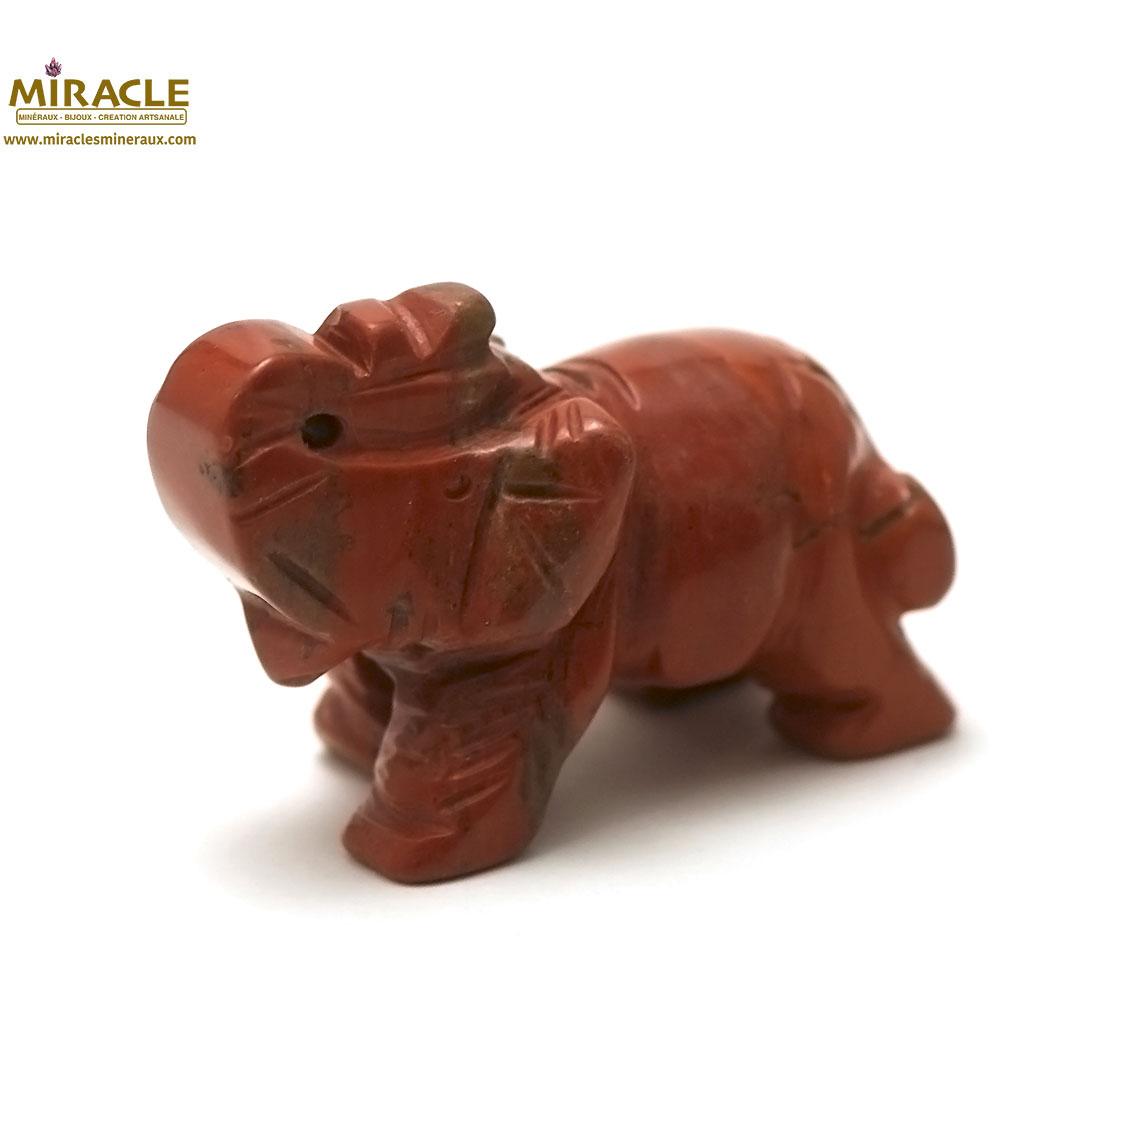 Magnifique statuette éléphant en pierre naturelle de jaspe rouge